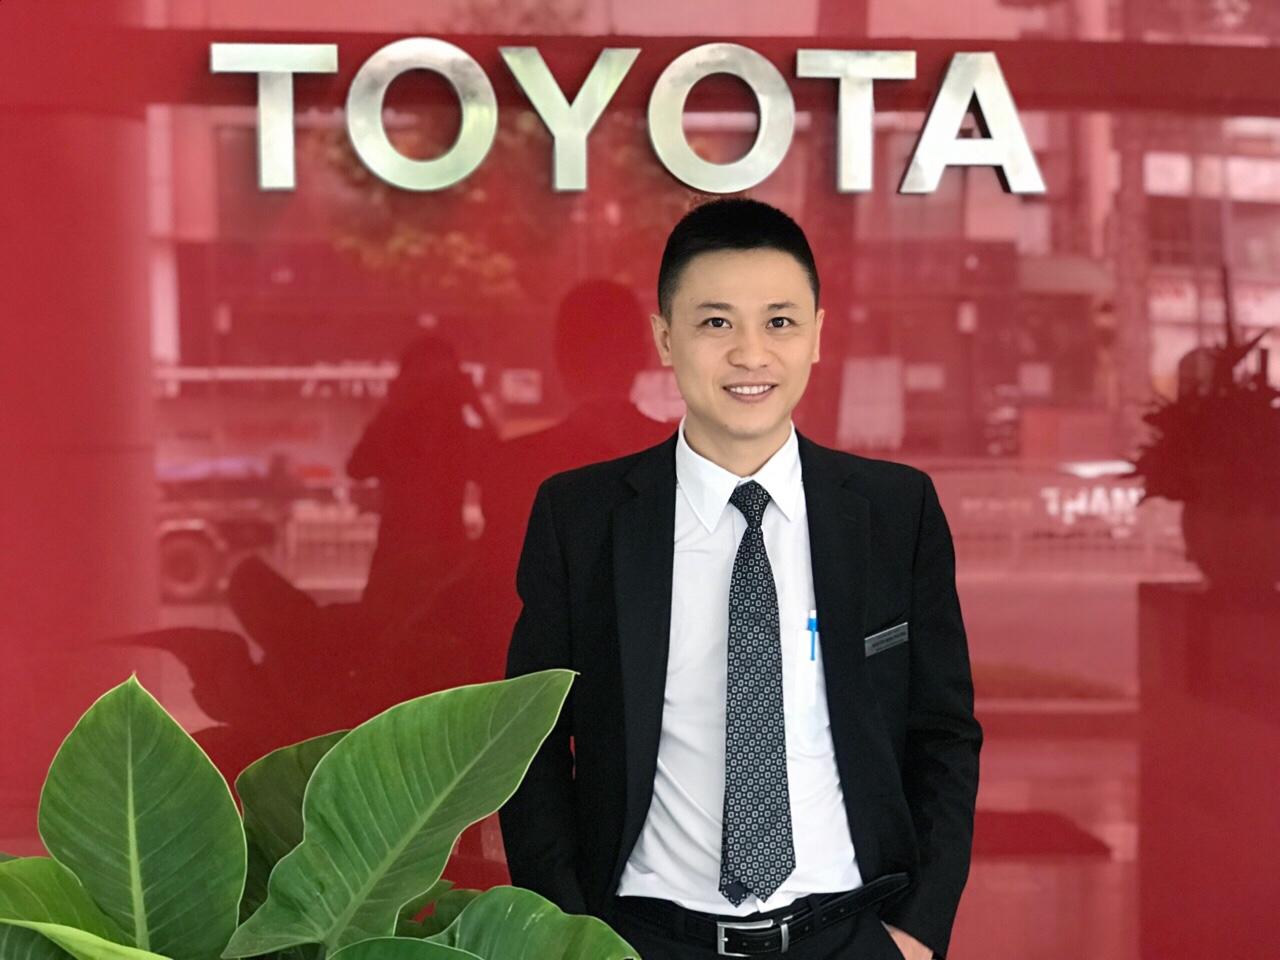 4 lý do bạn nên chọn Toyota khi mua xe ô tô